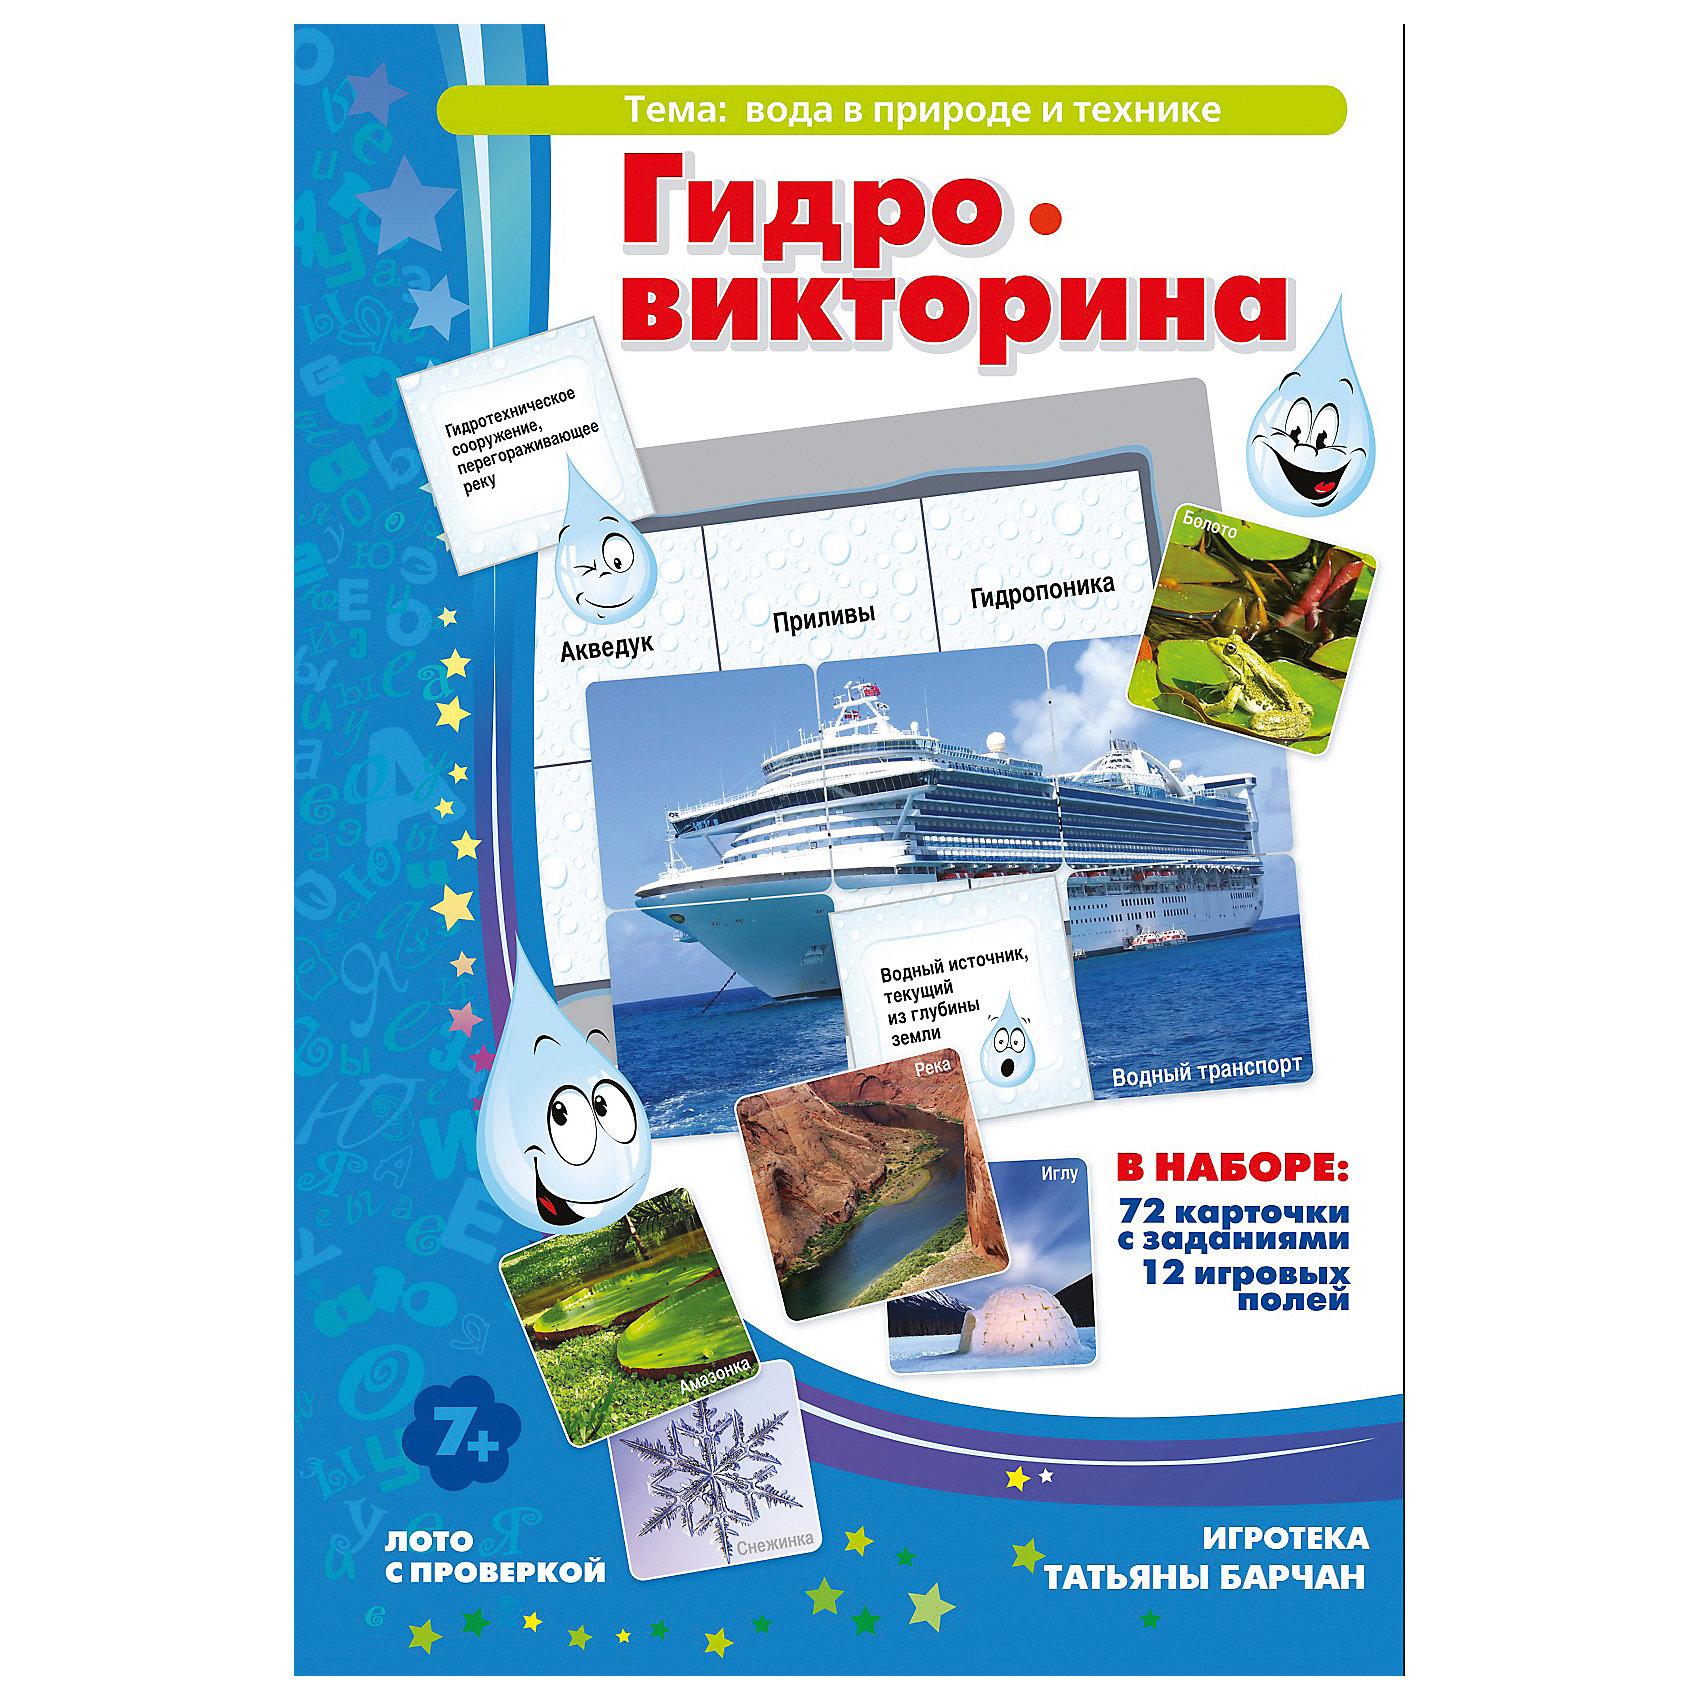 Гидровикторина, Игротека Татьяны БарчанВикторины и ребусы<br>Гидровикторина, Игротека Татьяны Барчан.<br><br>Характеристики:<br><br>• Для детей в возрасте: от 7 лет<br>• В комплекте: 72 карточки с заданиями, 12 игровых полей<br>• Тема: Вода в природе и технике<br>• Материал: плотный качественный картон<br>• Производитель: ЦОТР Ребус (Россия)<br>• Упаковка: картонная коробка<br>• Размер упаковки: 266х180х42 мм.<br>• Вес: 330 гр.<br><br>Эта занимательная и веселая игра расскажет вашему ребенку все о воде. Он узнает, какова роль воды в природе; все о разнообразных состояниях воды - пар, лед, жидкость; какие есть крупнейшие естественные и искусственные водоемы; какие сооружения, машины и механизмы управляют водой и многое другое. <br><br>В процессе игры школьники научатся внимательности, разовьют память и мышление, расширят словарный запас и кругозор, смогут выявлять закономерности, устанавливать логические связи, поймут необходимость бережного отношения к природным ресурсам. <br><br>В наборе вы найдете 72 маленькие карточки с вопросами и 12 игровых полей с ответами на них. Игра построена по принципу лото. Ведущий задает вопросы, написанные на маленьких карточках, а игроки ищут правильные ответы на своих игровых полях. В игре два уровня сложности, игровые поля и карточки зеленого цвета – 1-ый уровень, синего цвета – 2-ой уровень. <br><br>Из маленьких карточек можно собрать фотографии различных гидросооружений: Чебоксарская ГЭС (одна из крупнейших в России), Силовые трансформаторы, Кислогубская ПЭС (единственная в России приливная электростанция, являющаяся памятником науки и техники), Центральный пульт управления Саратовской гидроэлектростанции и другие.<br><br>Игру Гидровикторина, Игротека Татьяны Барчан можно купить в нашем интернет-магазине.<br><br>Ширина мм: 270<br>Глубина мм: 180<br>Высота мм: 40<br>Вес г: 337<br>Возраст от месяцев: 72<br>Возраст до месяцев: 108<br>Пол: Унисекс<br>Возраст: Детский<br>SKU: 6751309